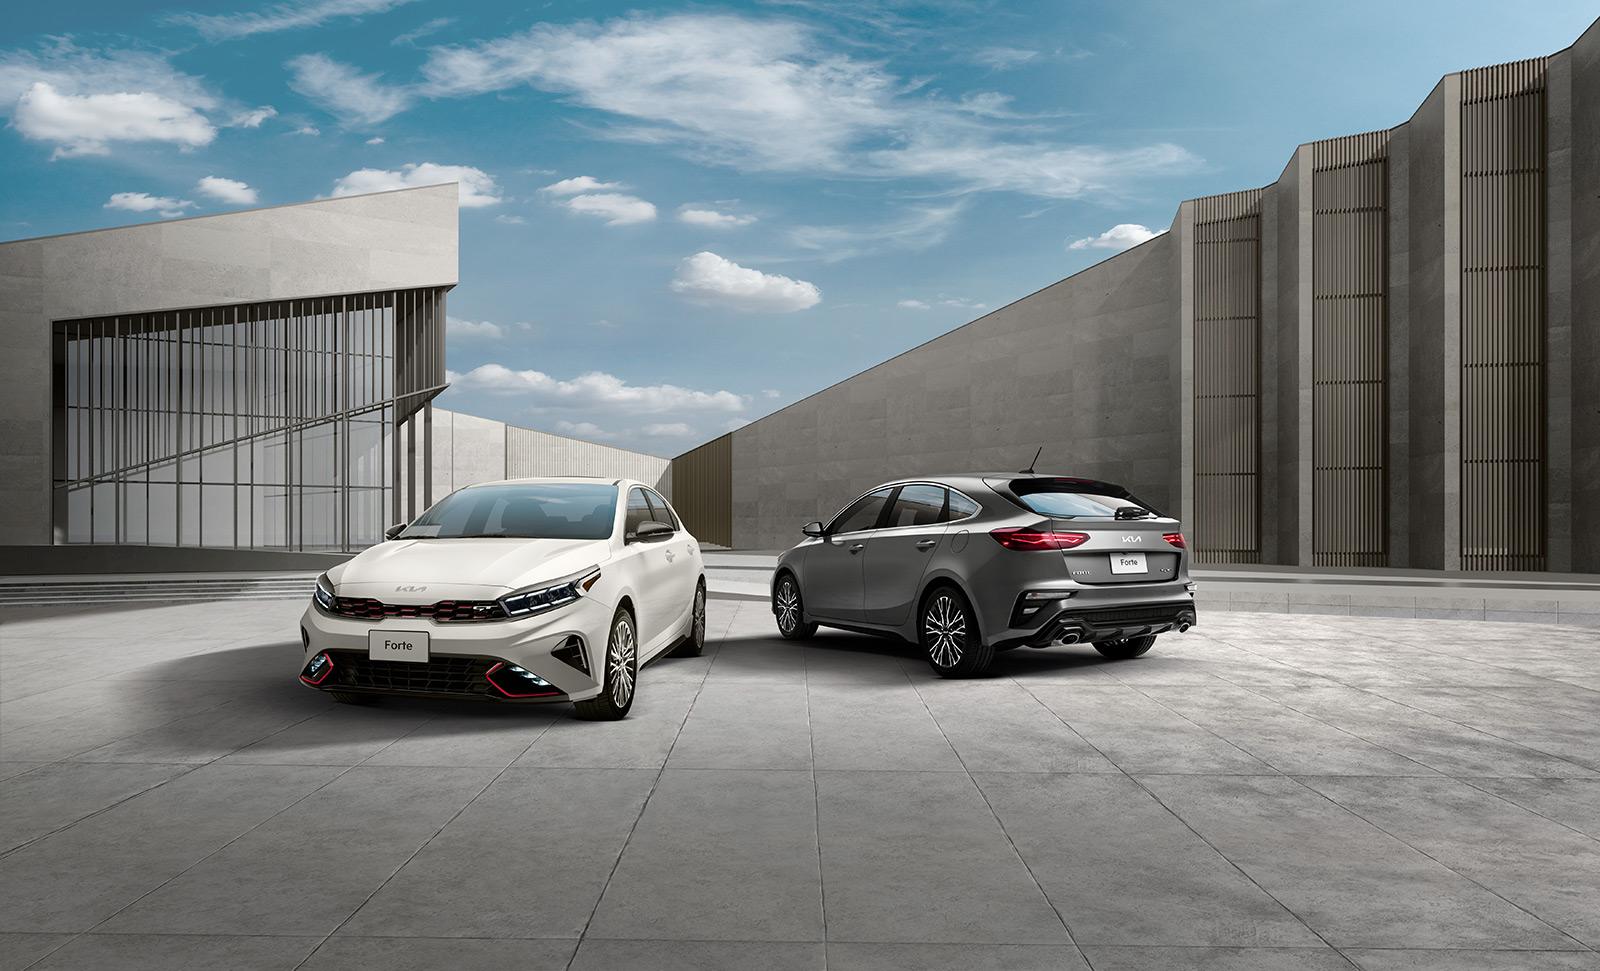 Kia Forte Hatchback 2022 en México exterior color blanco y plata